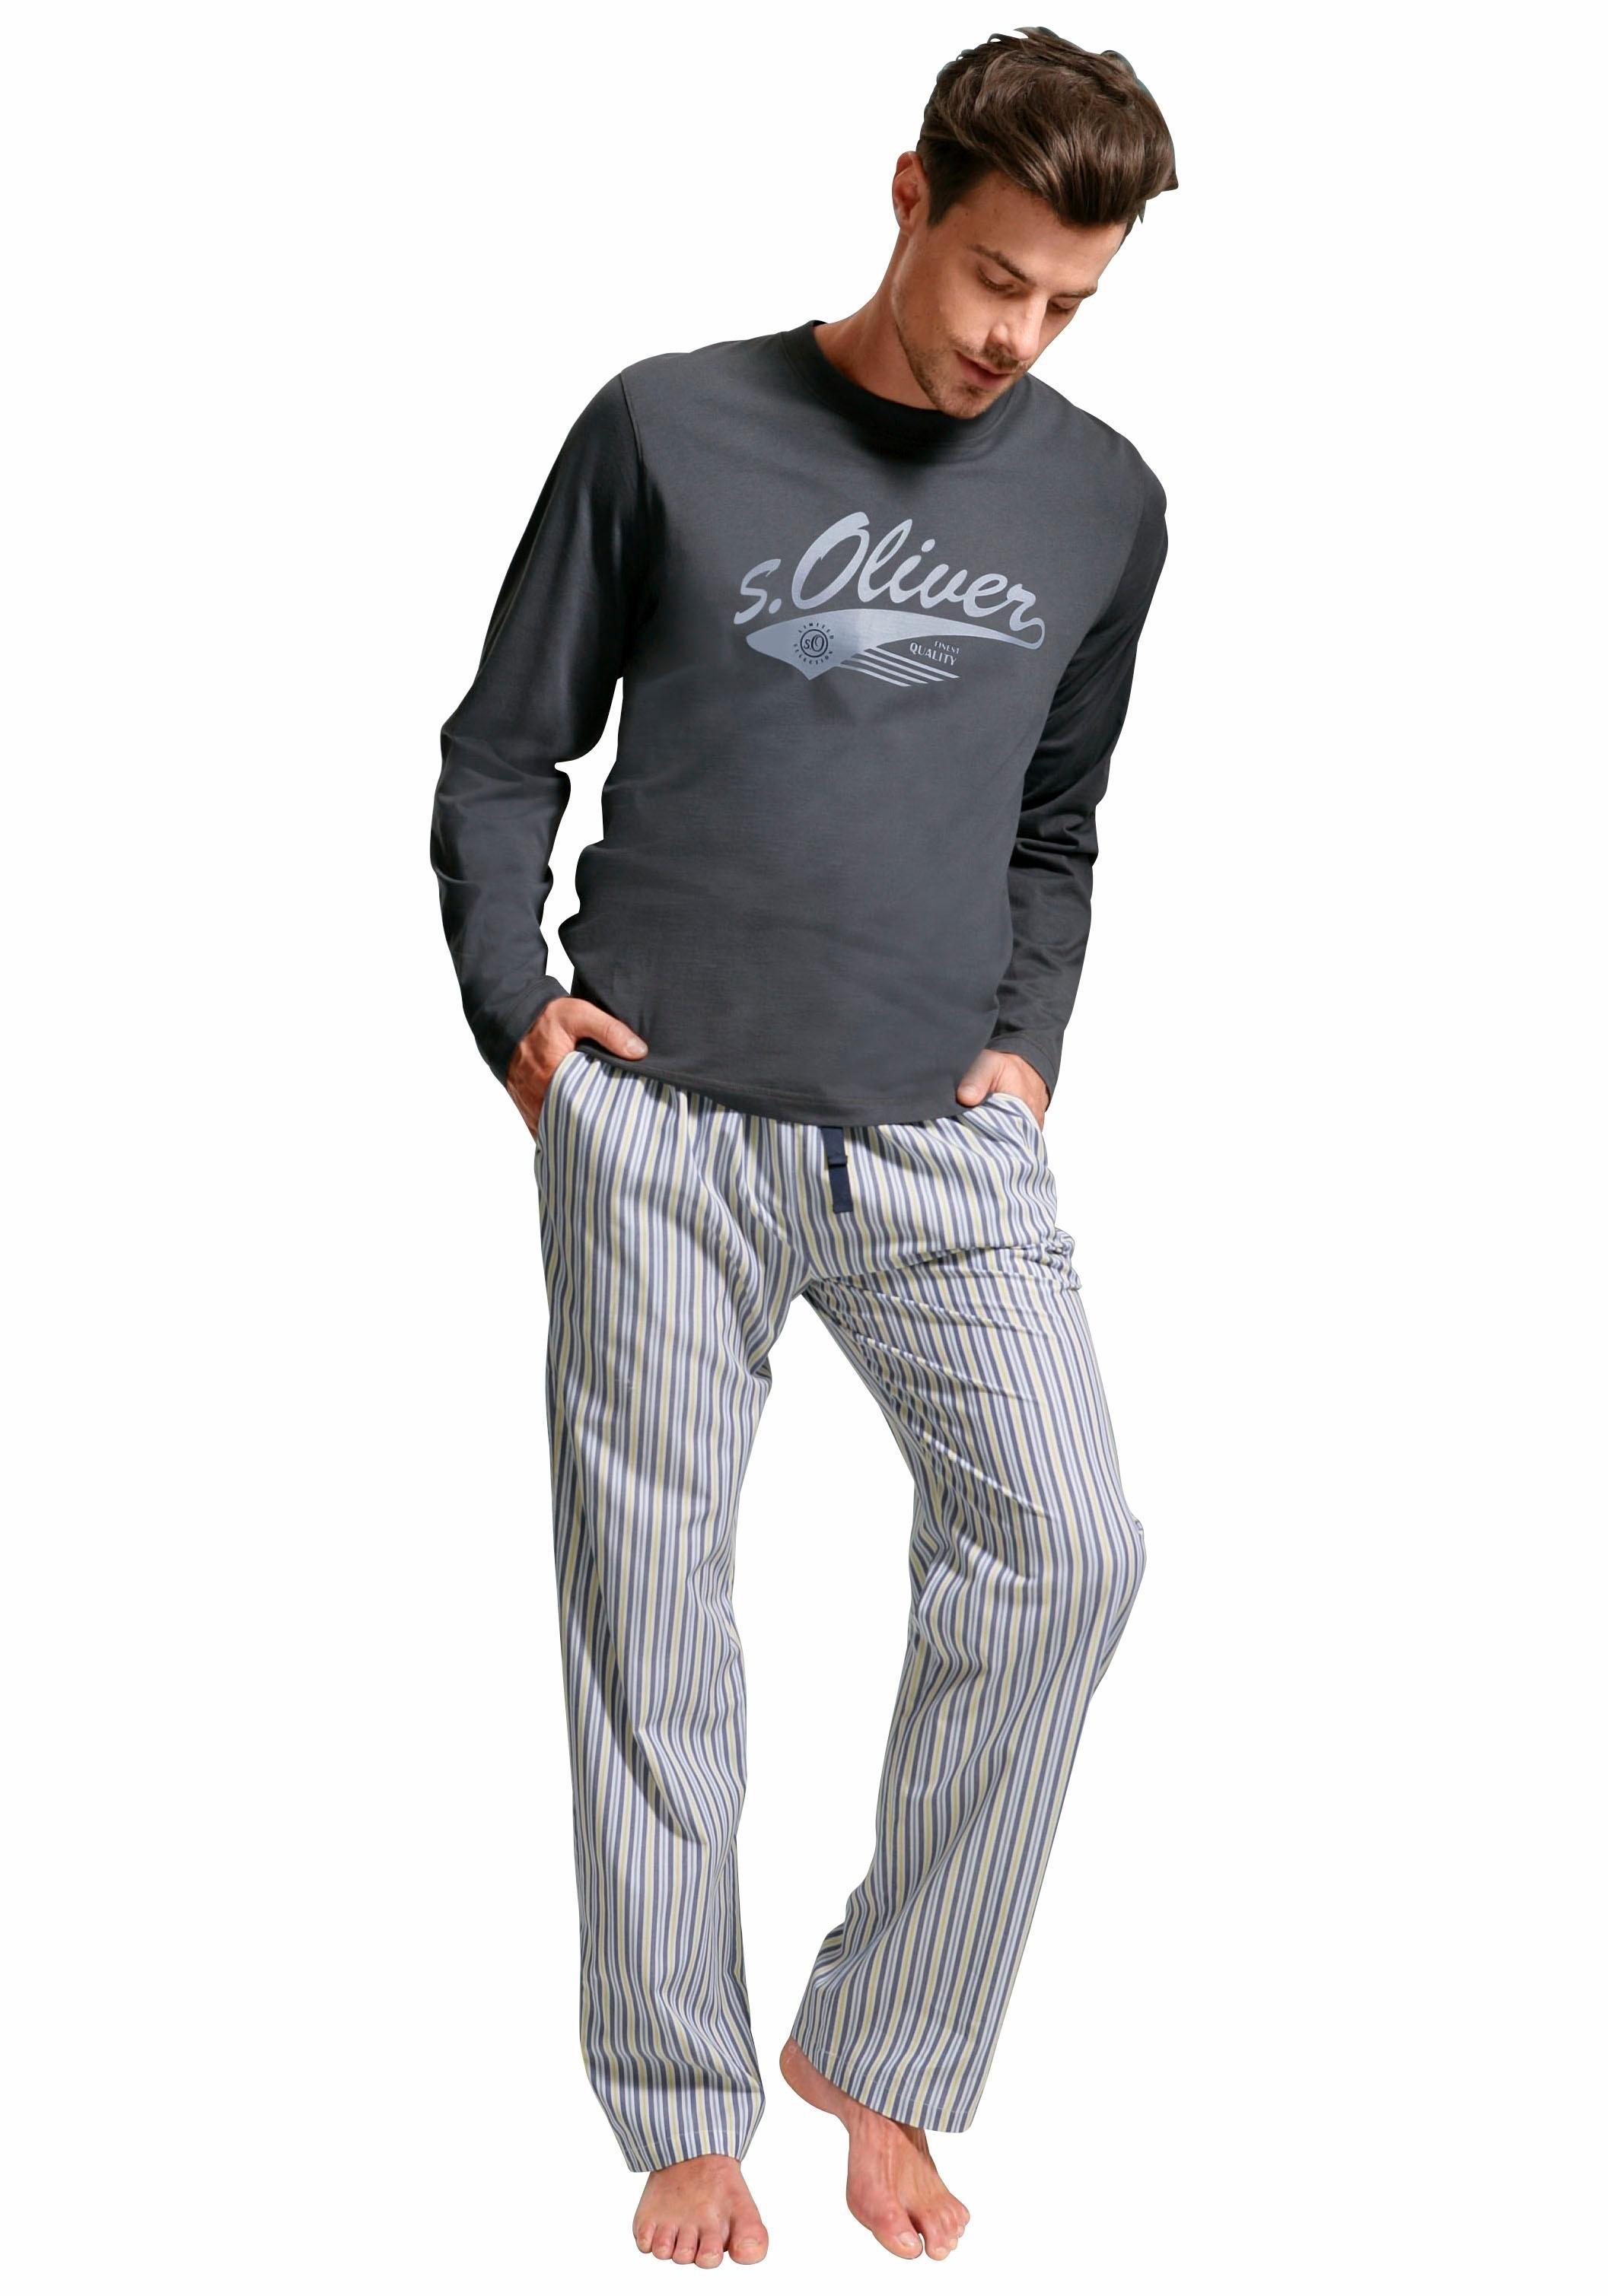 s.Oliver pyjama, lang nu online kopen bij OTTO